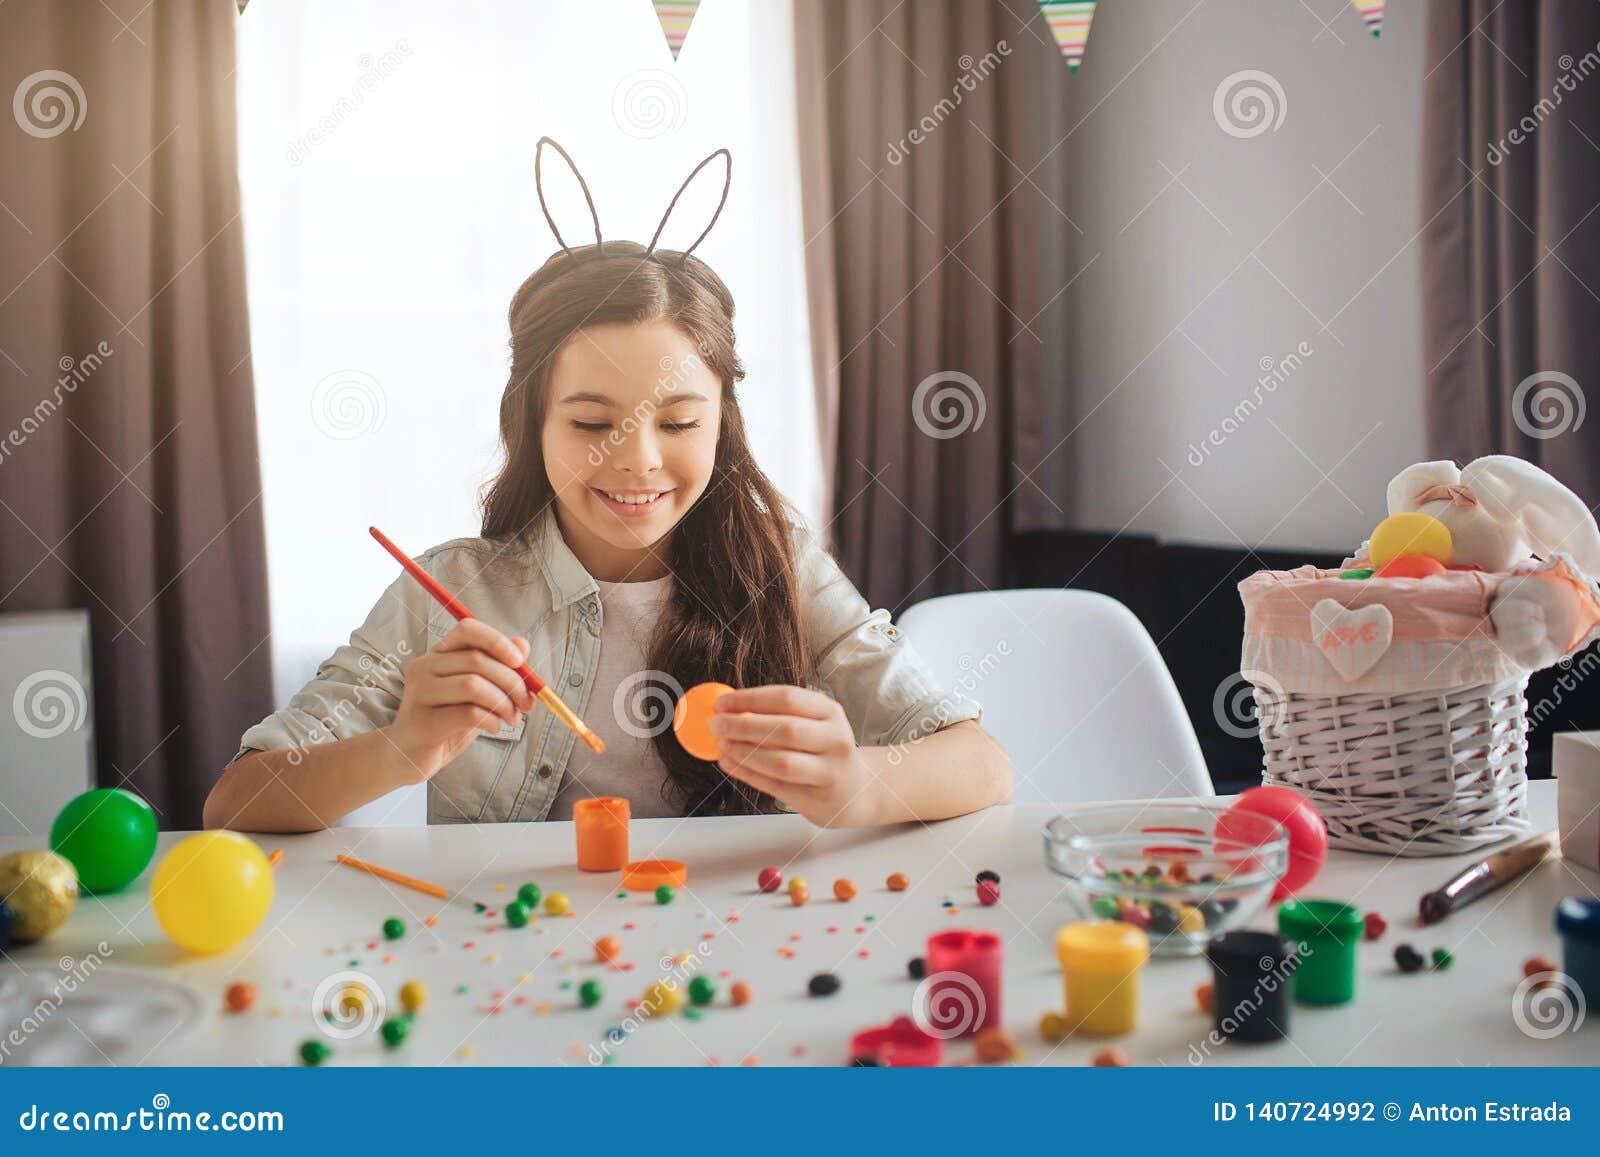 Szczęśliwy pozytywny nastolatka narządzanie dla wielkanocy Siedzi samotnie przy stołu i obrazu jajkami Dziewczyna uśmiech Jest ub